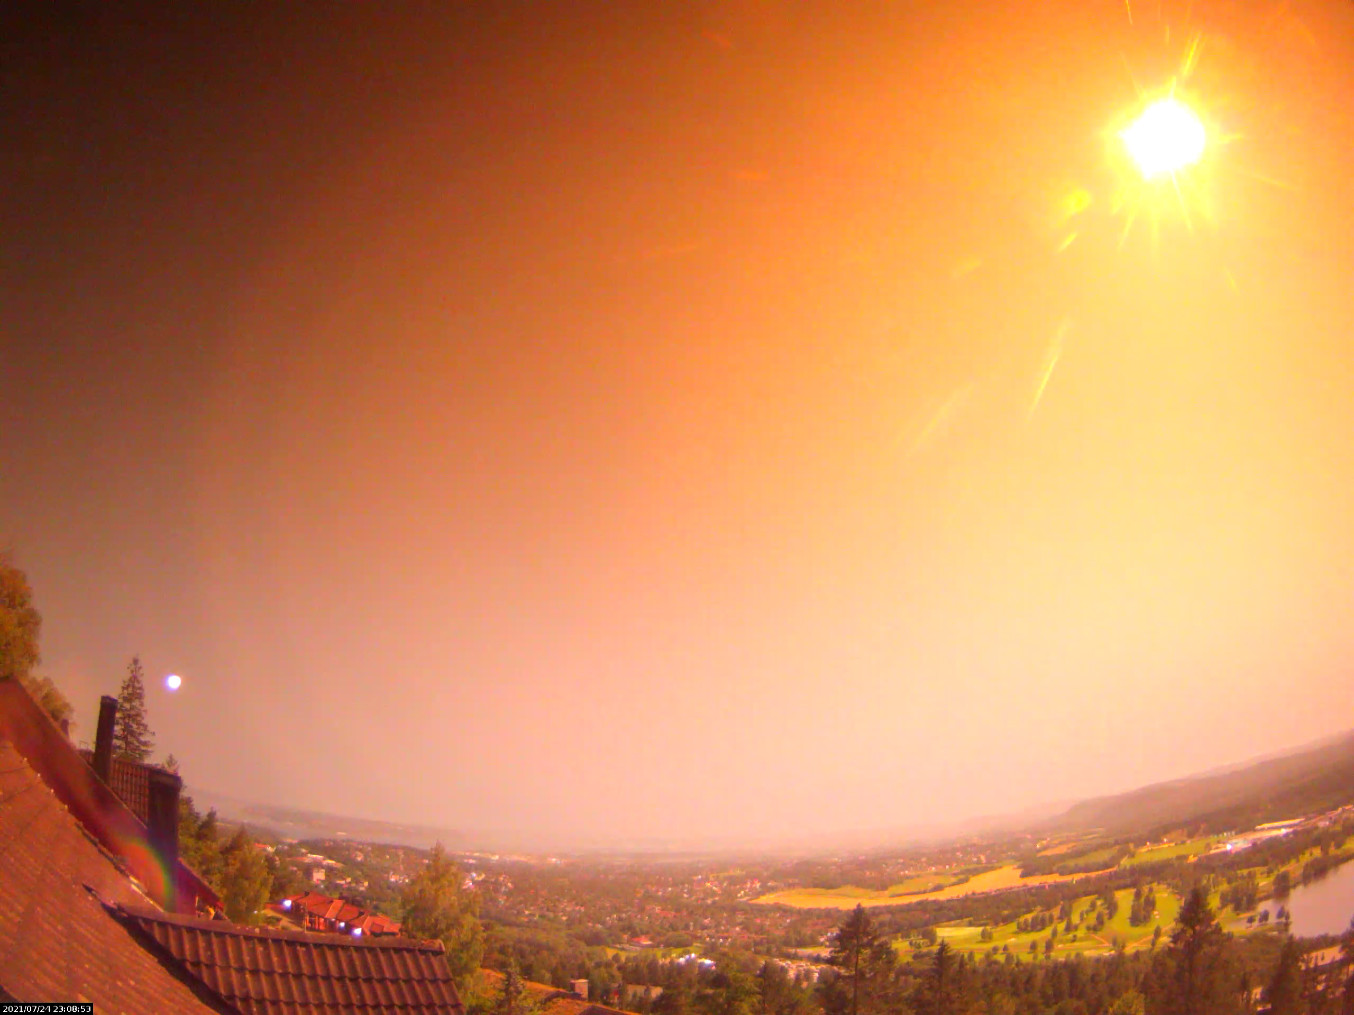 http://norskmeteornettverk.no/bilder/2021/meteor-20210724.jpg